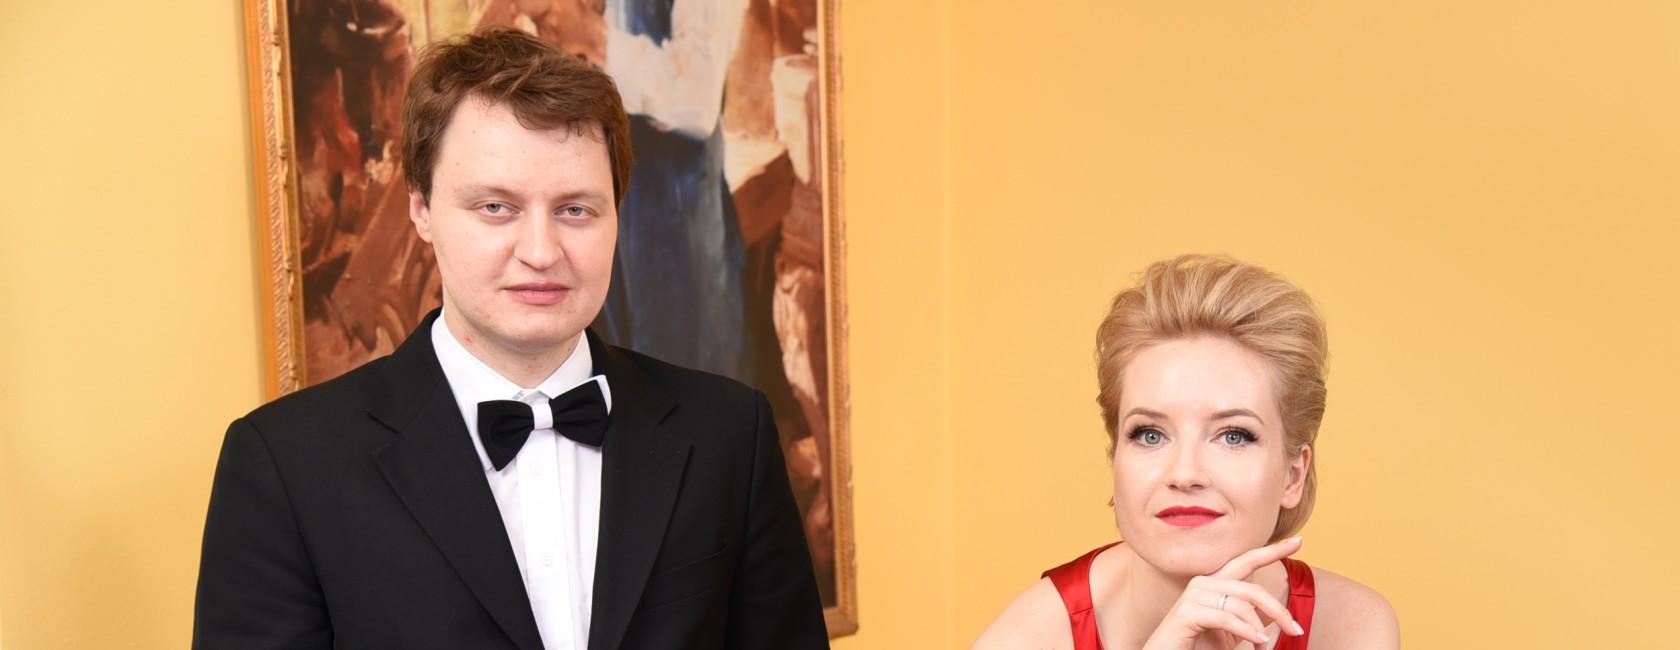 Spotkanie muzyczne Eleonora Wojnar & Bartosz Ludkiewicz